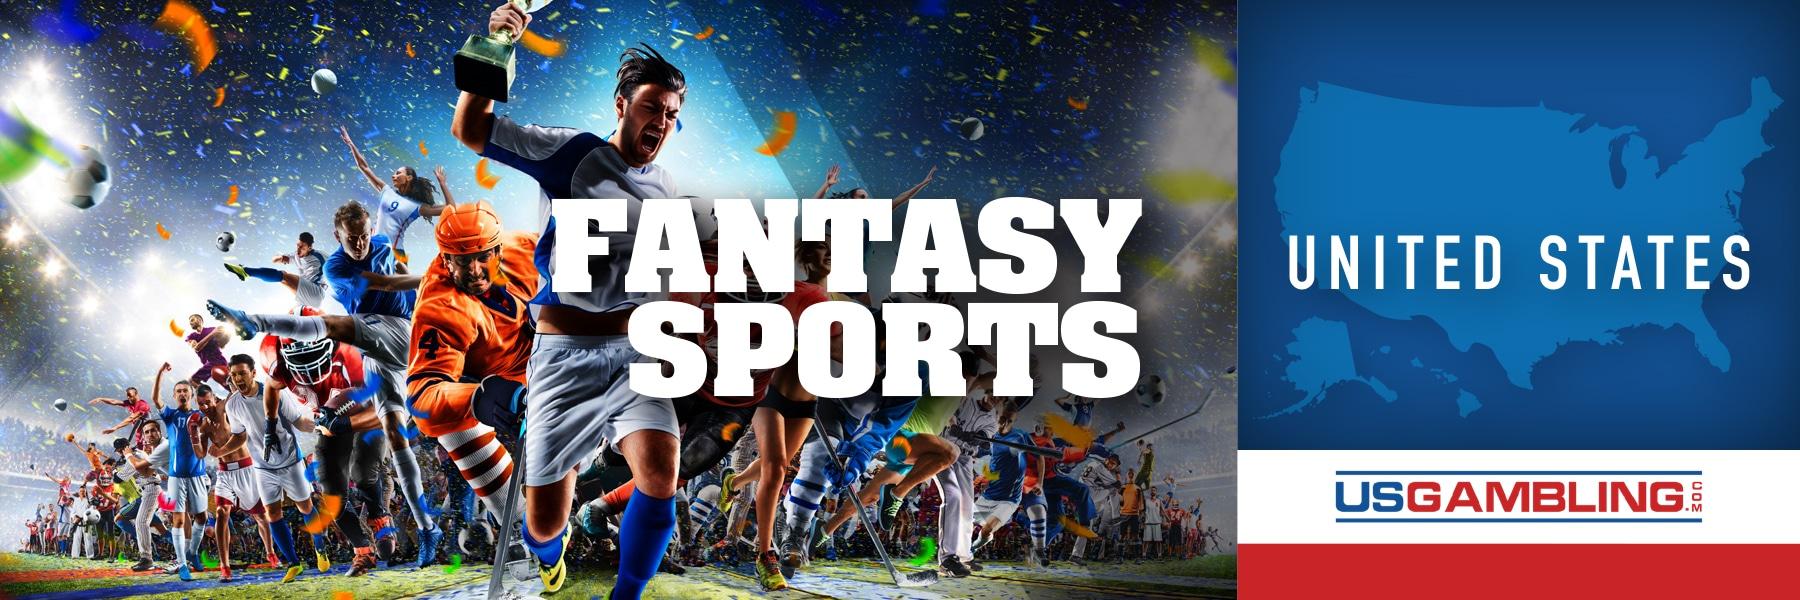 Legal Fantasy Sports